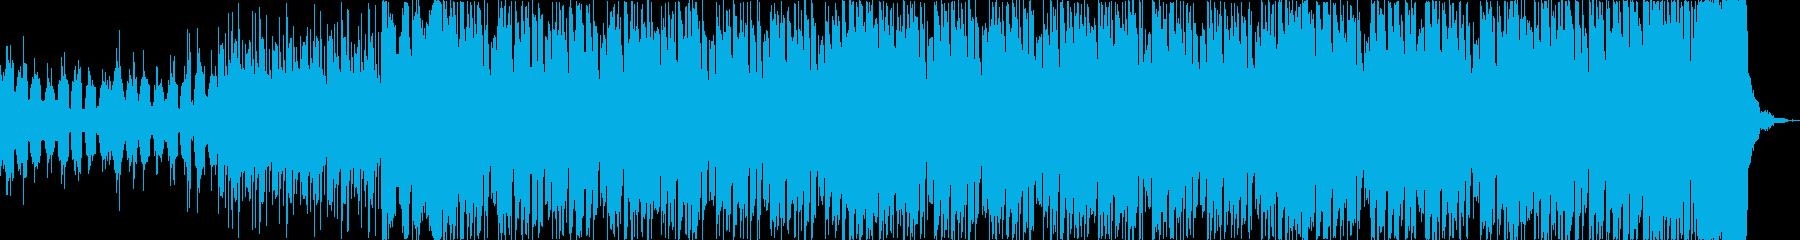 チルアウトカッコいいトロピカルハウスbの再生済みの波形